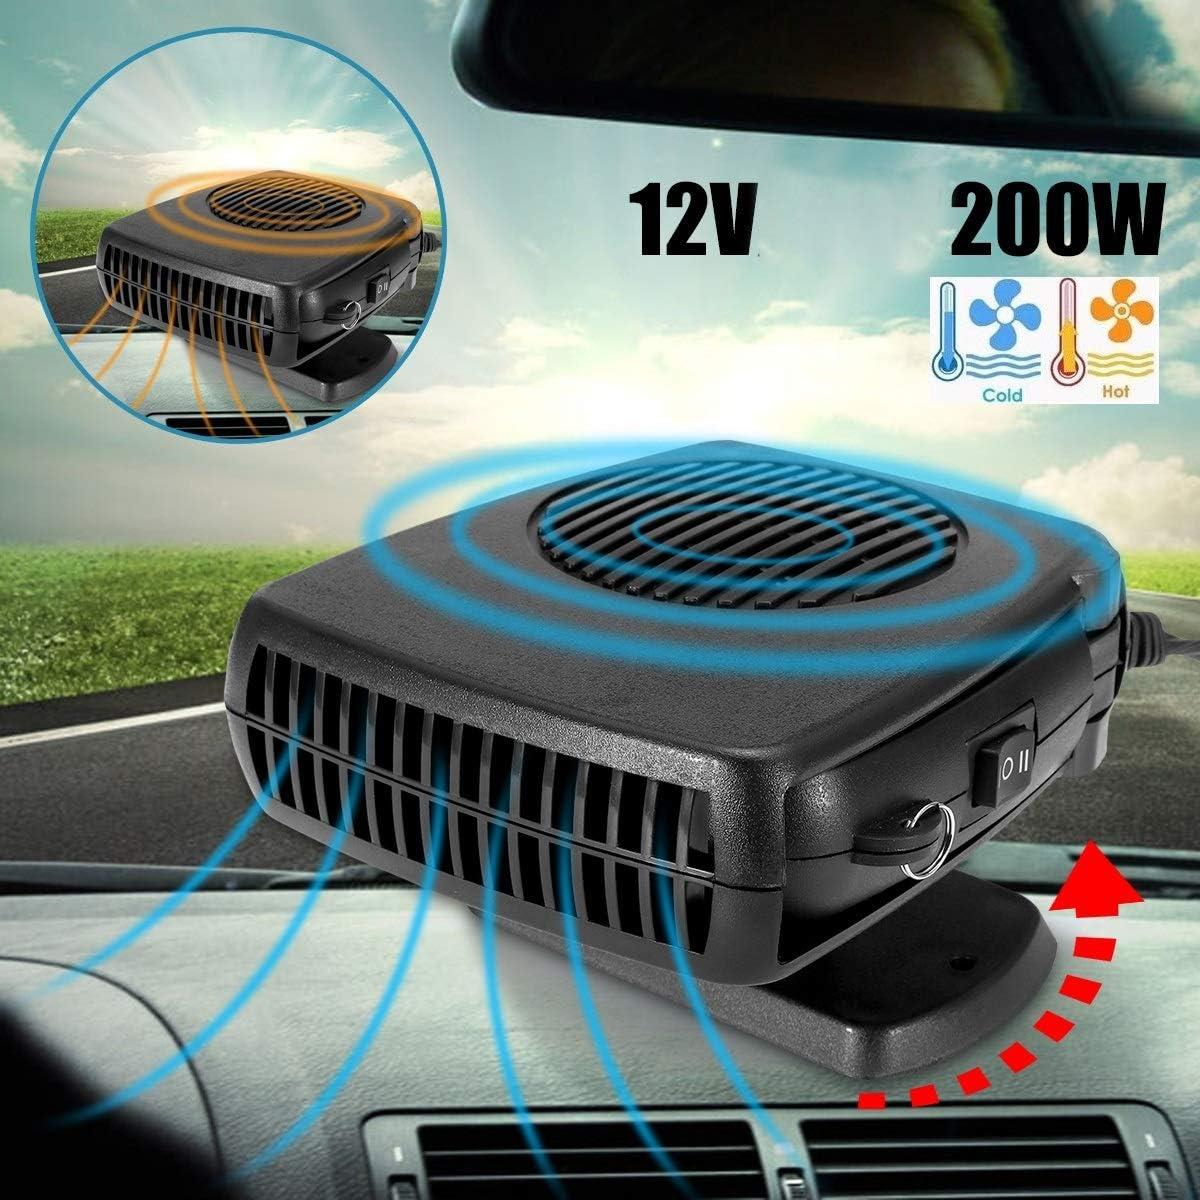 12V Car Heater Cooler Warmer Heating Cooling Fan Windscreen Defroster Demister